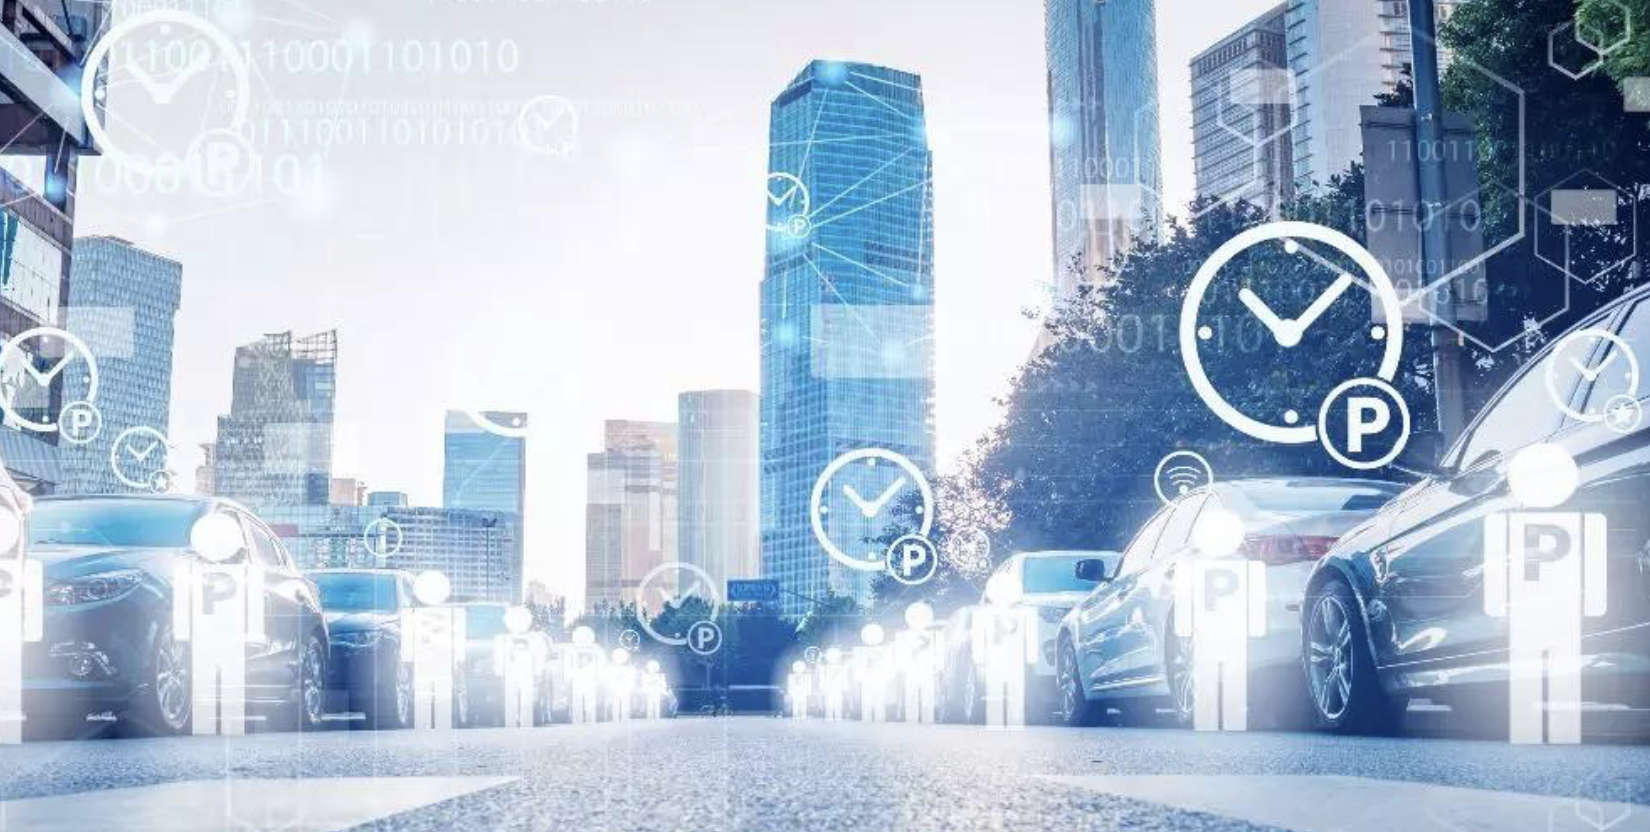 停开心:以人工智能技术+大数据,打造城市级智慧停车数字化平台